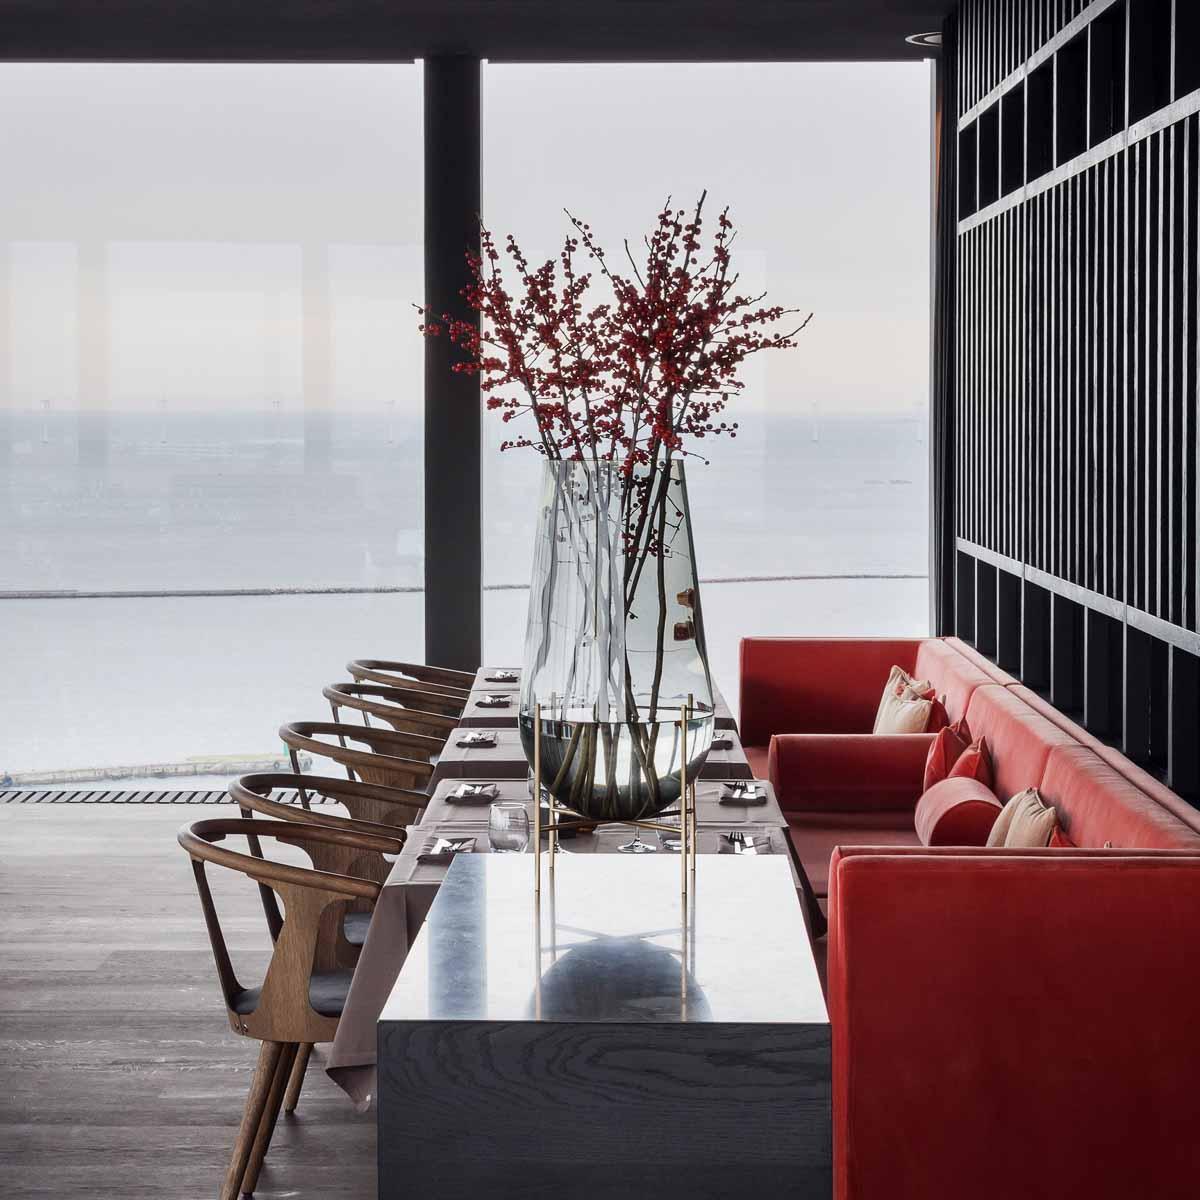 Restaurant Silo mit Aussicht auf Oeresund in Kopenhagen_